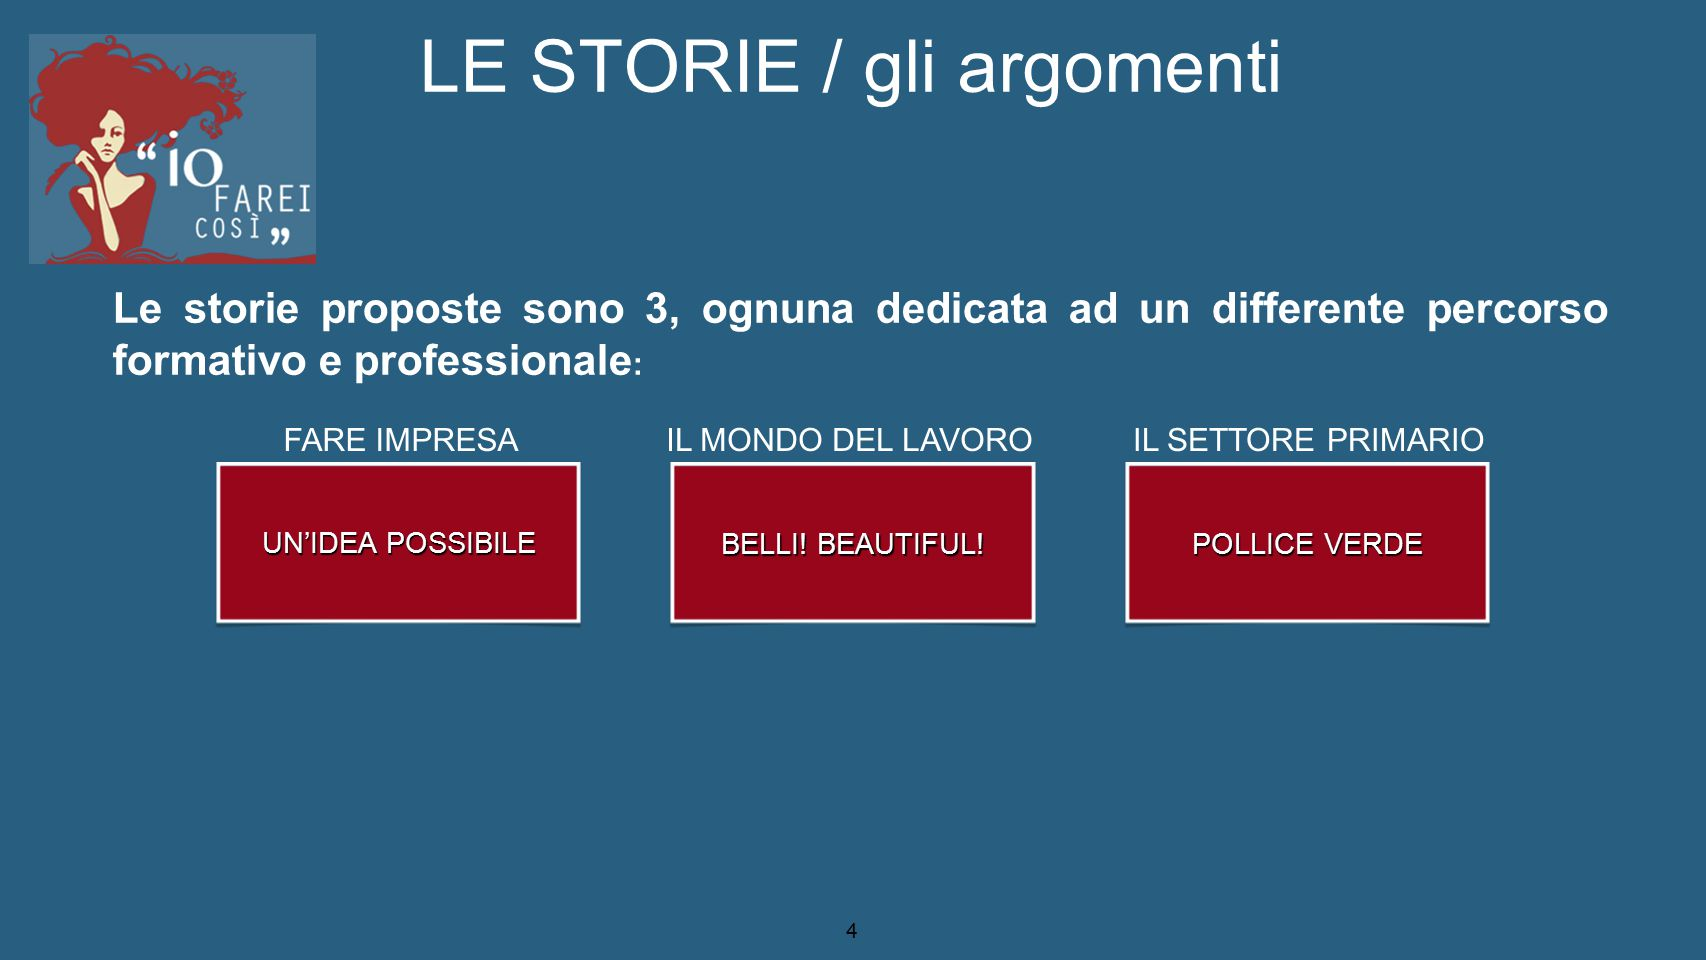 LE STORIE / gli argomenti